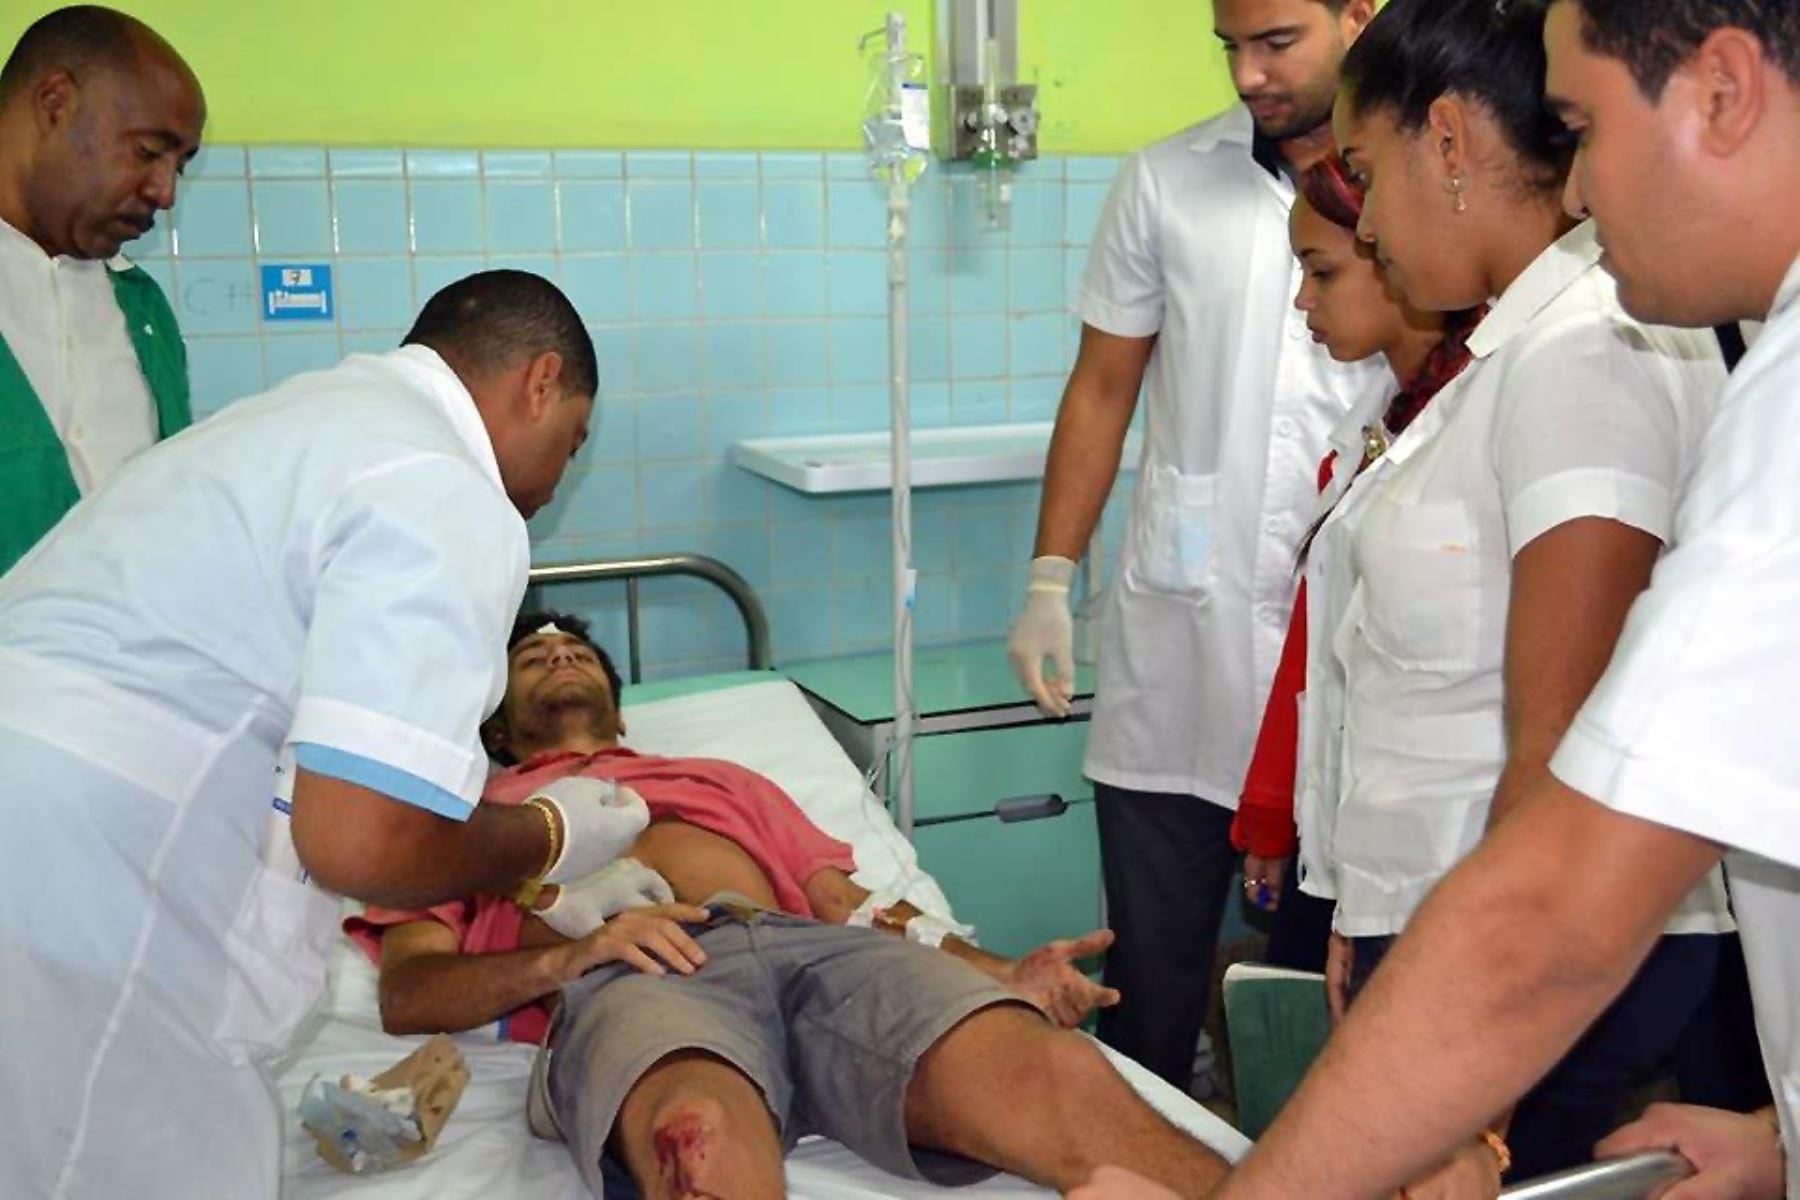 Fotografía cedida por el periódico Juventud Rebelde que muestra a heridos del accidente masivo de tráfico ocurridoen la provincia de Guantánamo Foto: EFE